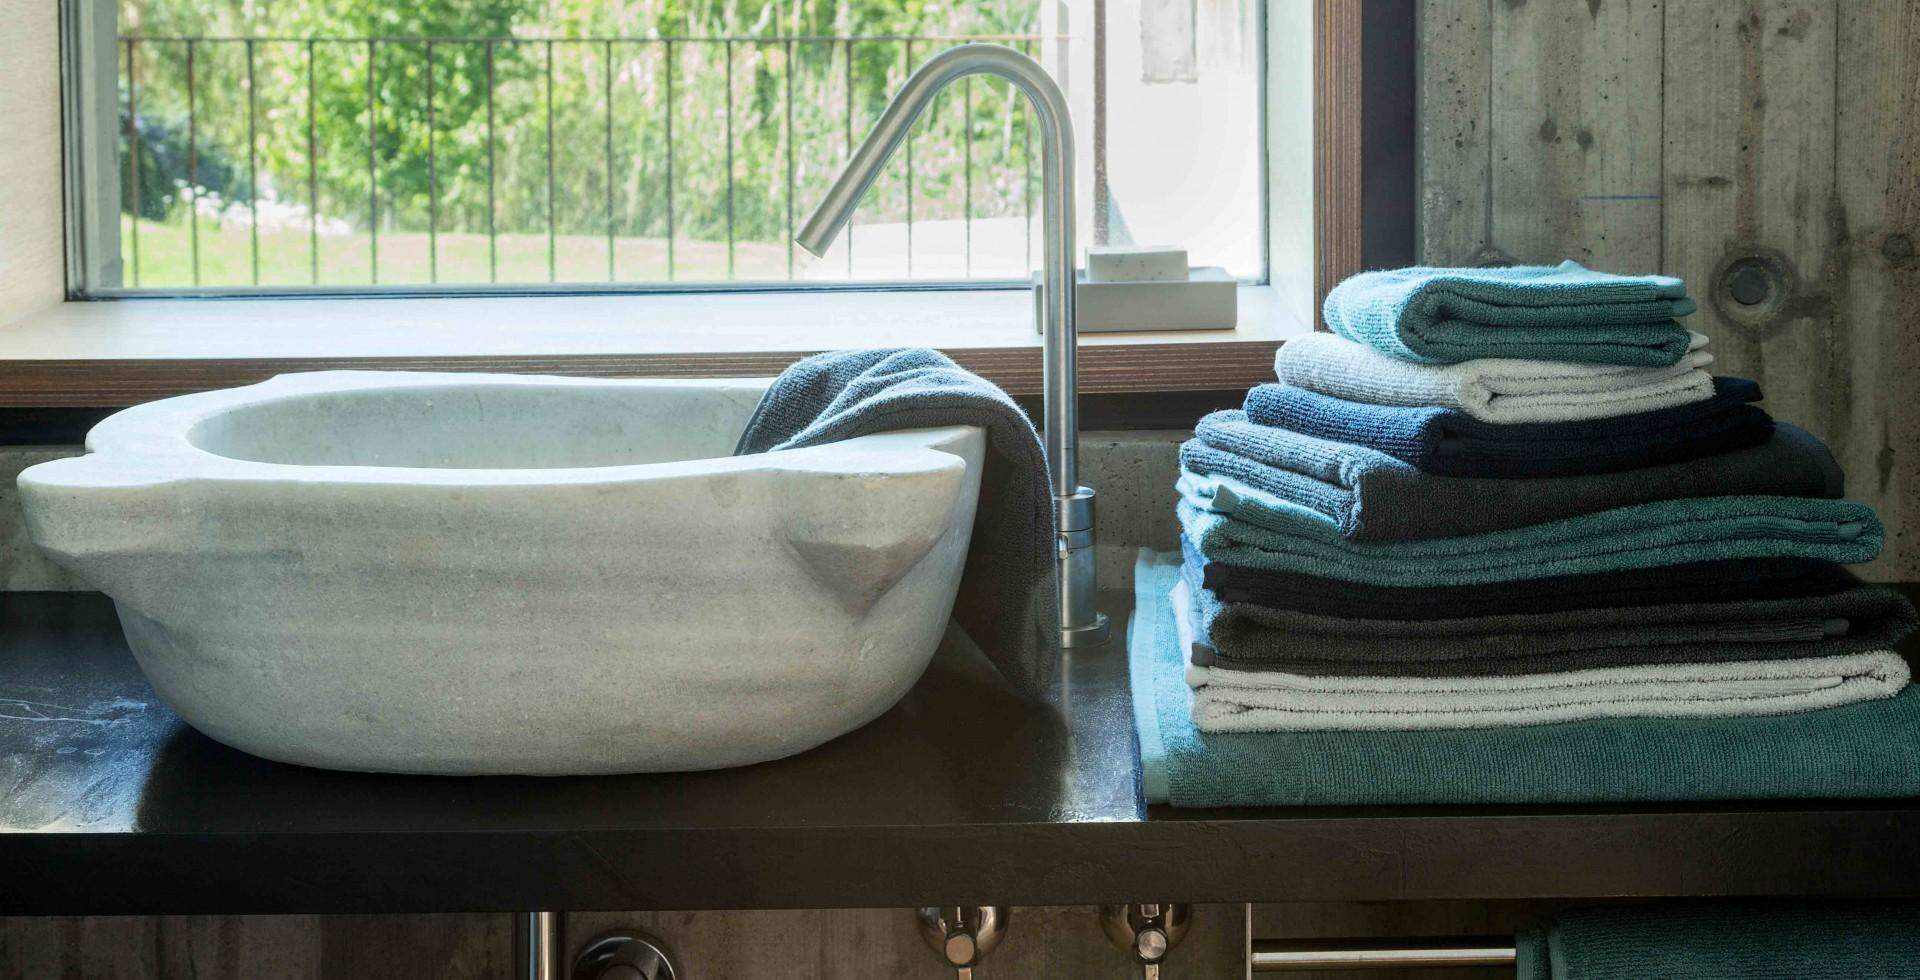 Badteppiche und Handtücher führender Hersteller online bestellen